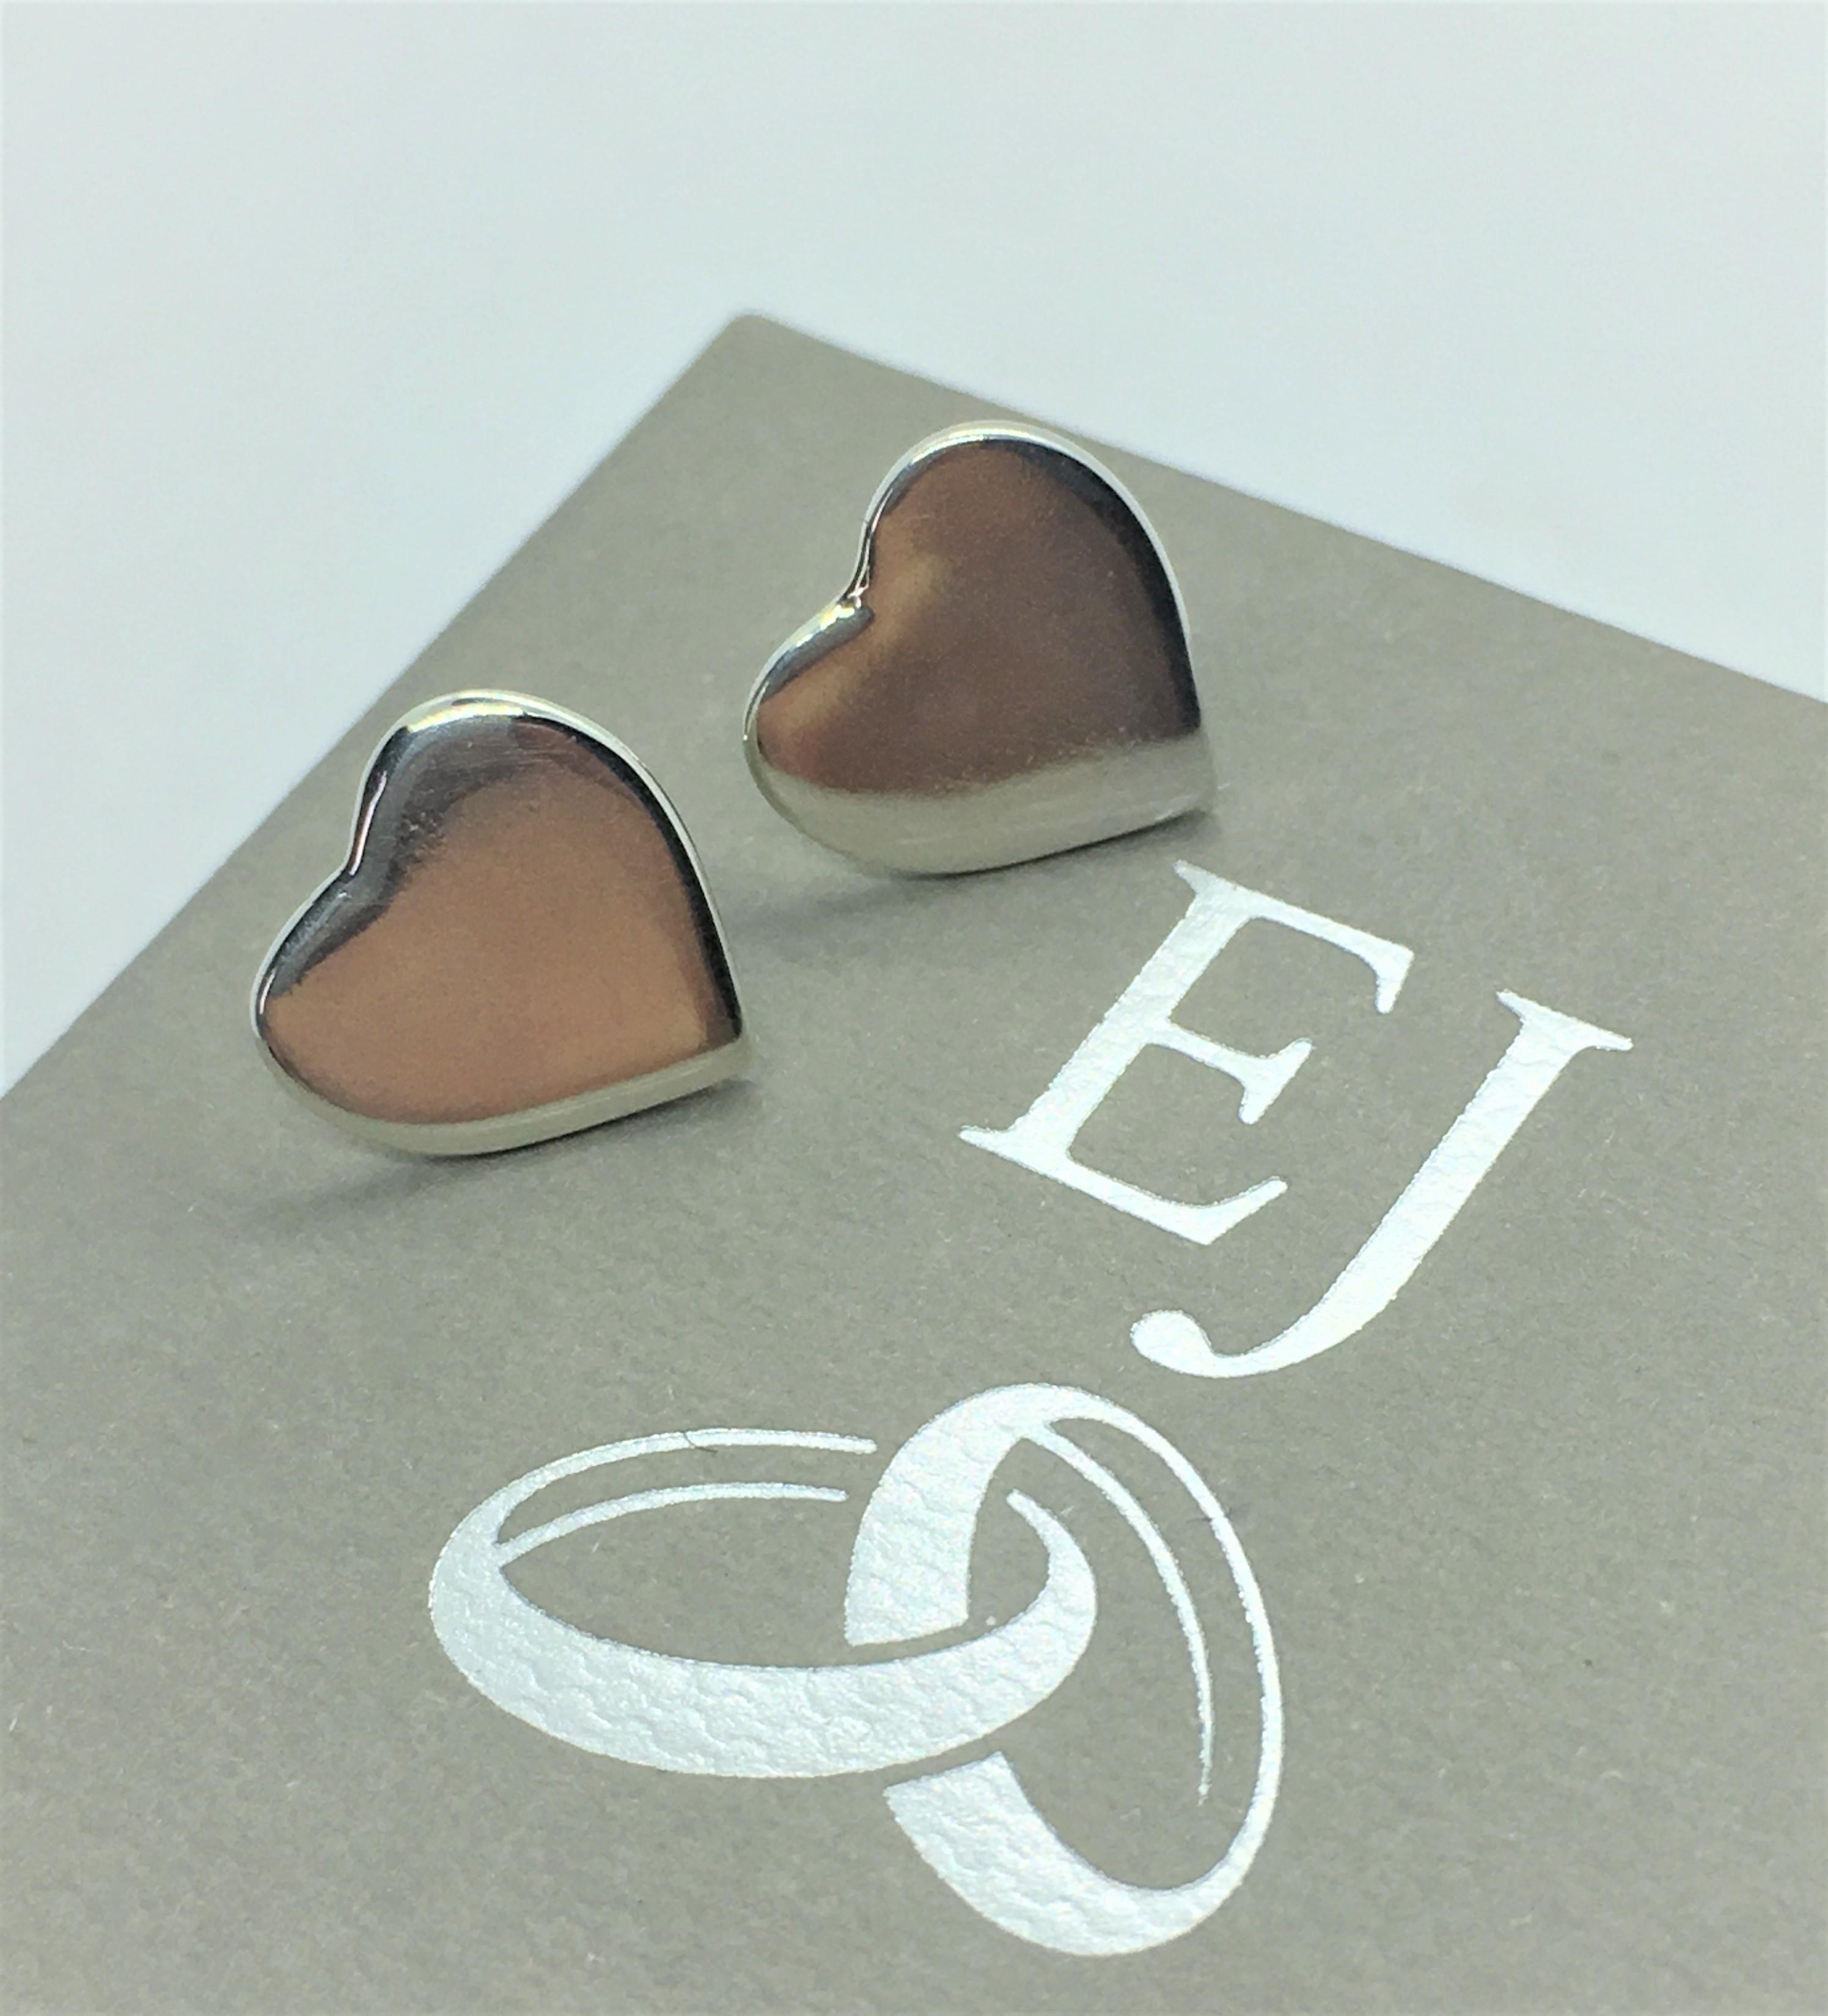 Silver Heart Earrings - 925 Sterling Sil